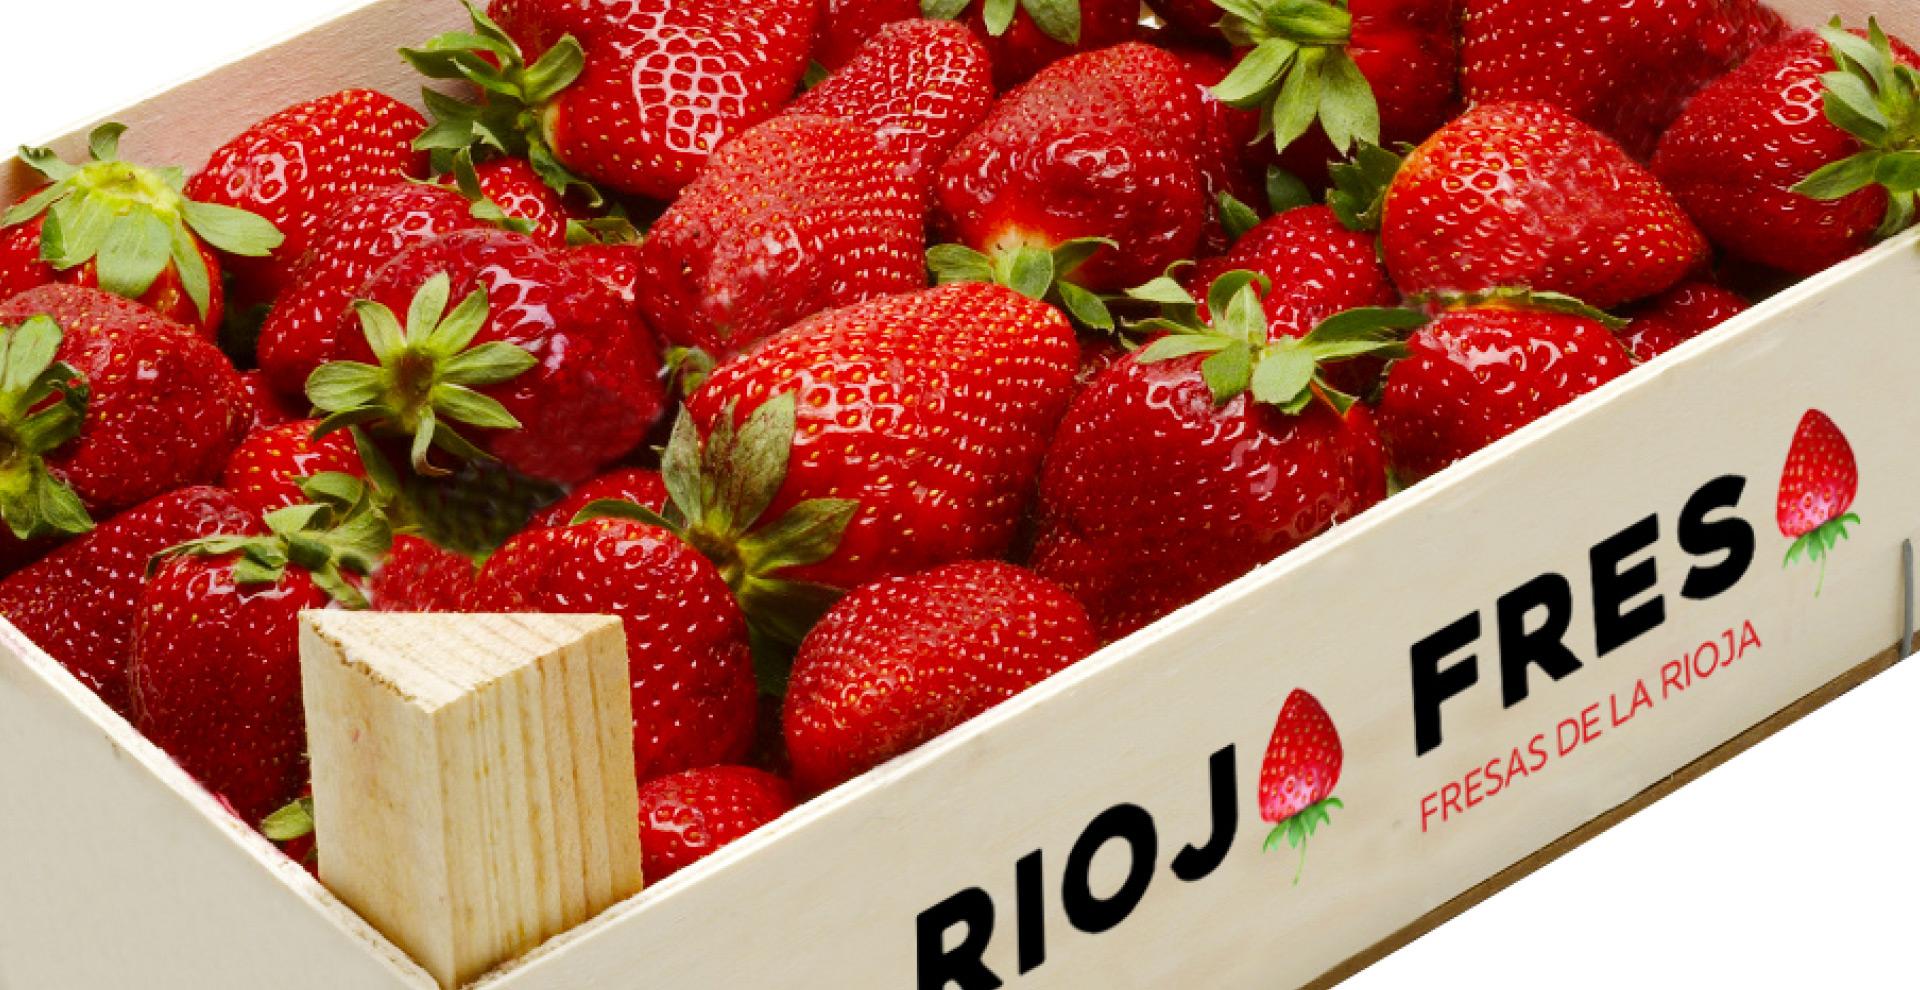 fresas_de_la_rioja-rioja_fresa-cabecera